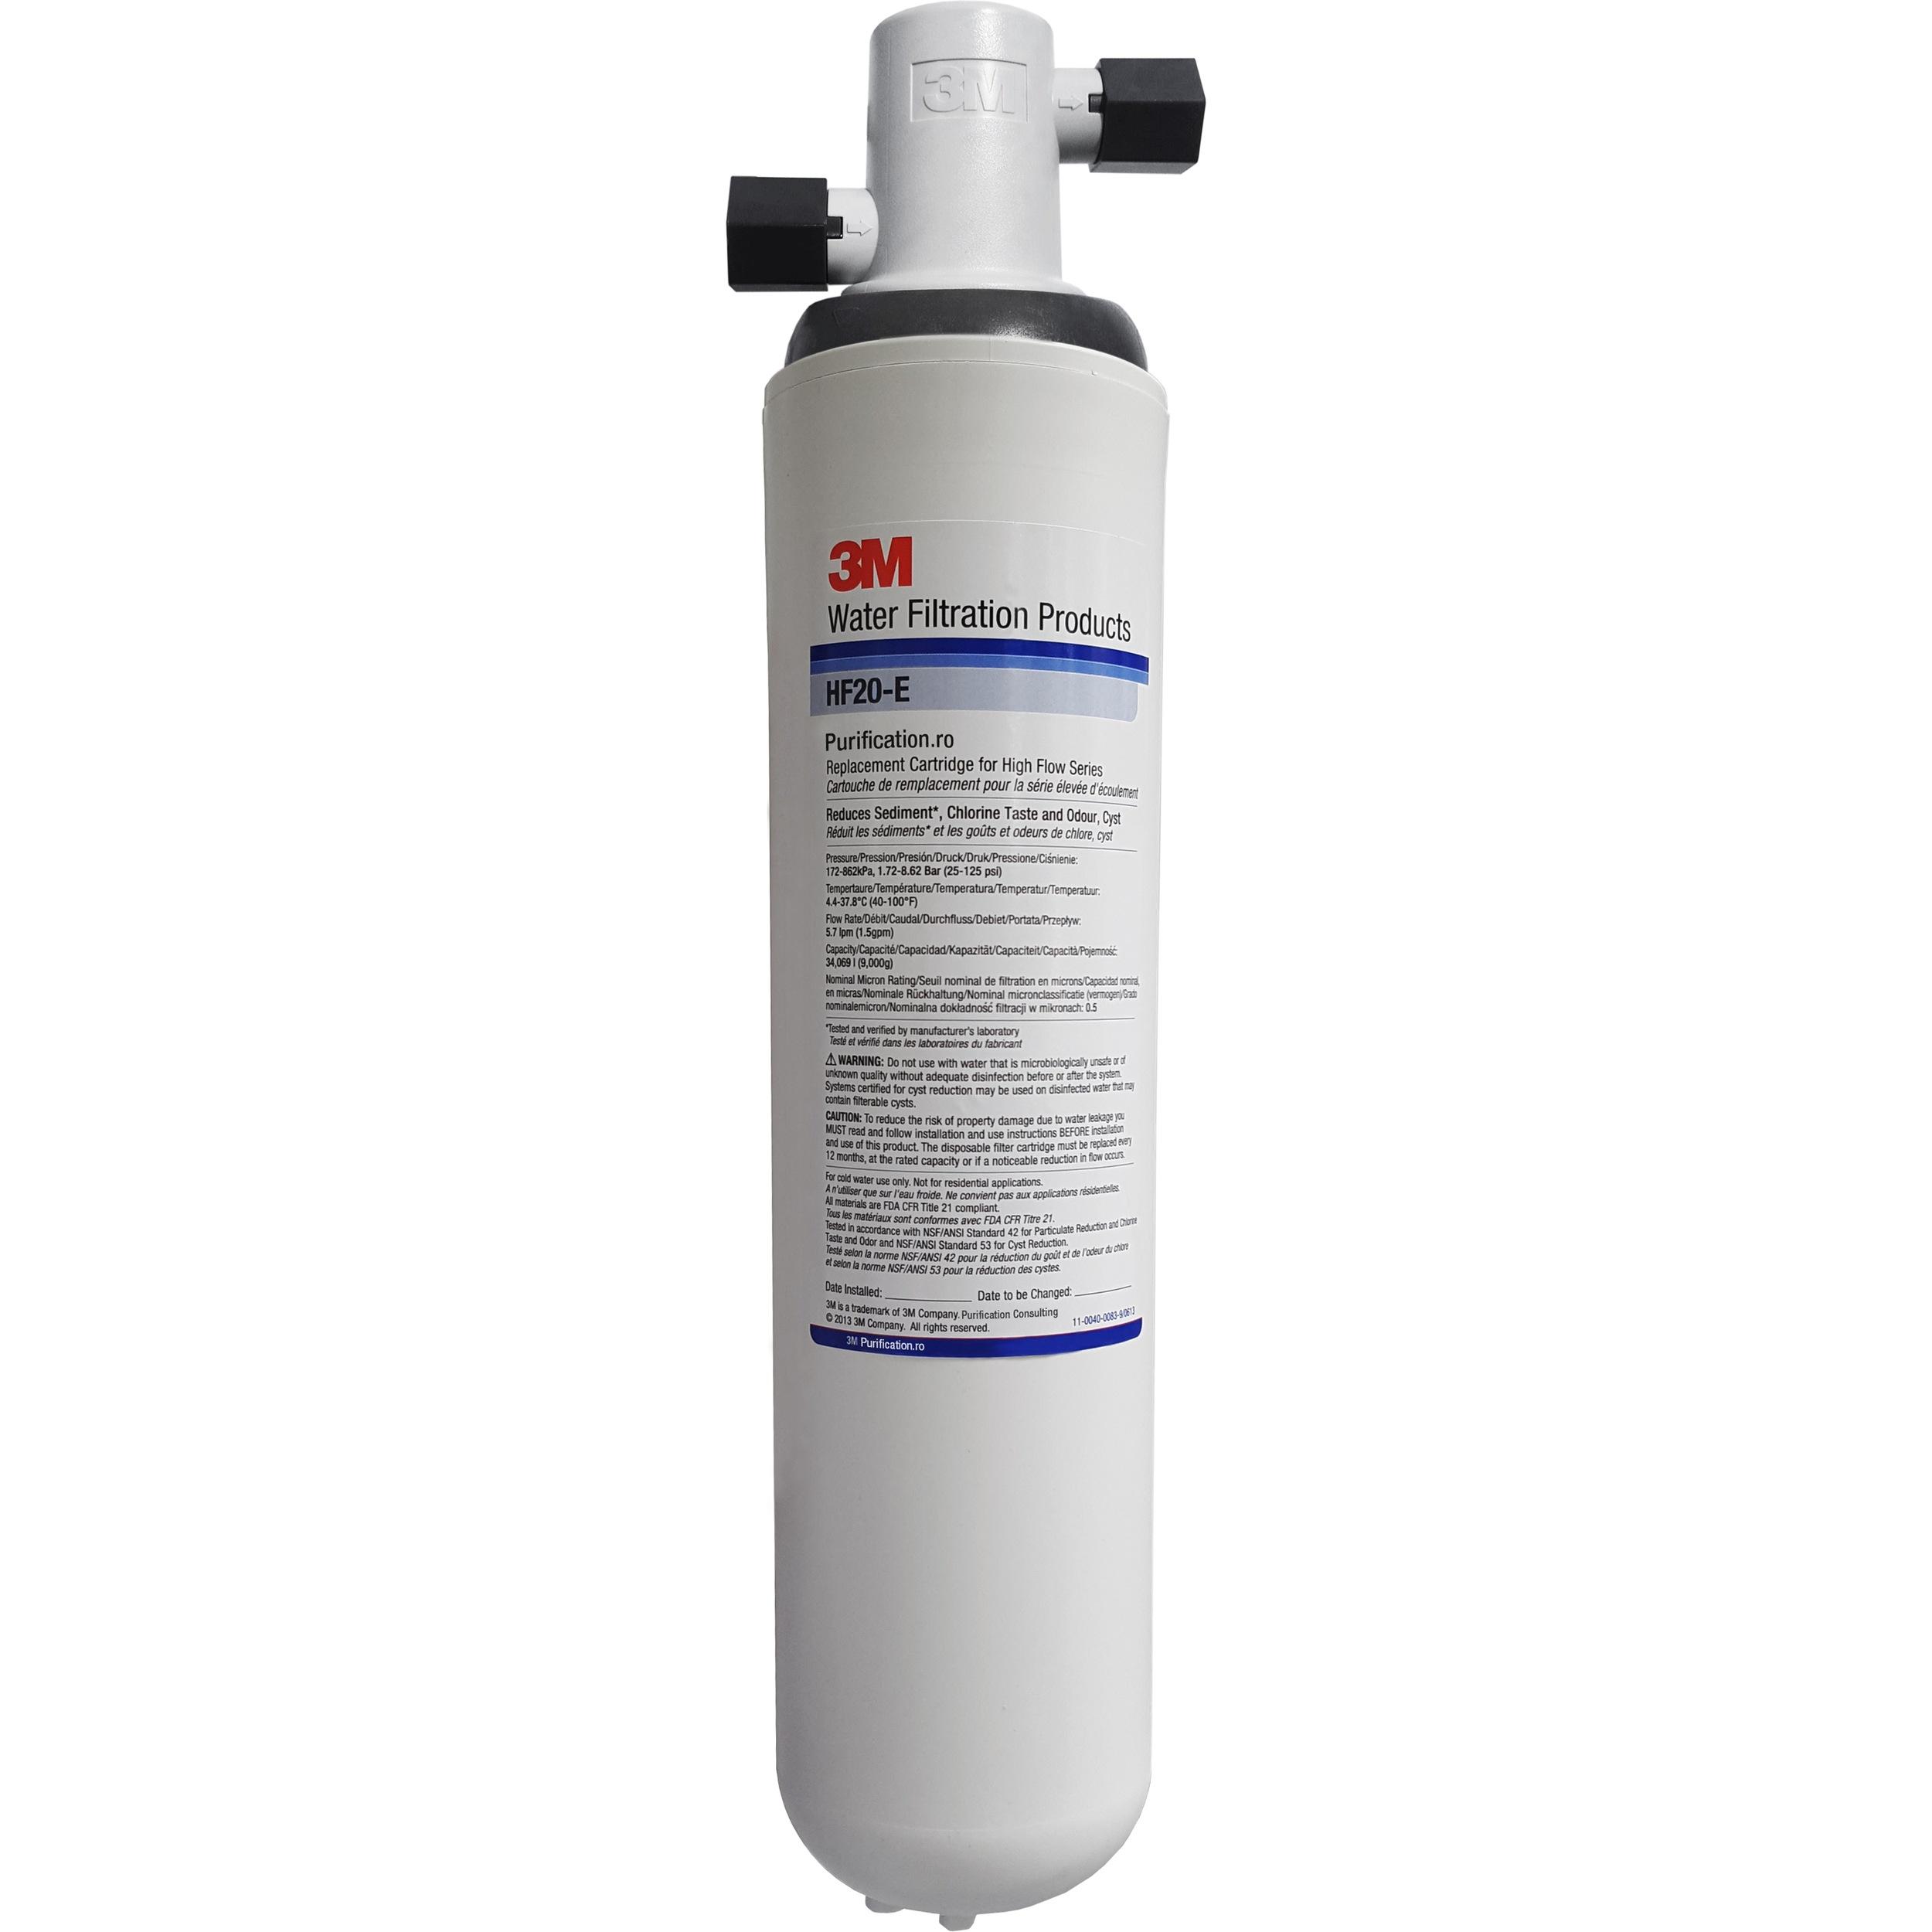 giardia și cryptosporidium în apă potabilă